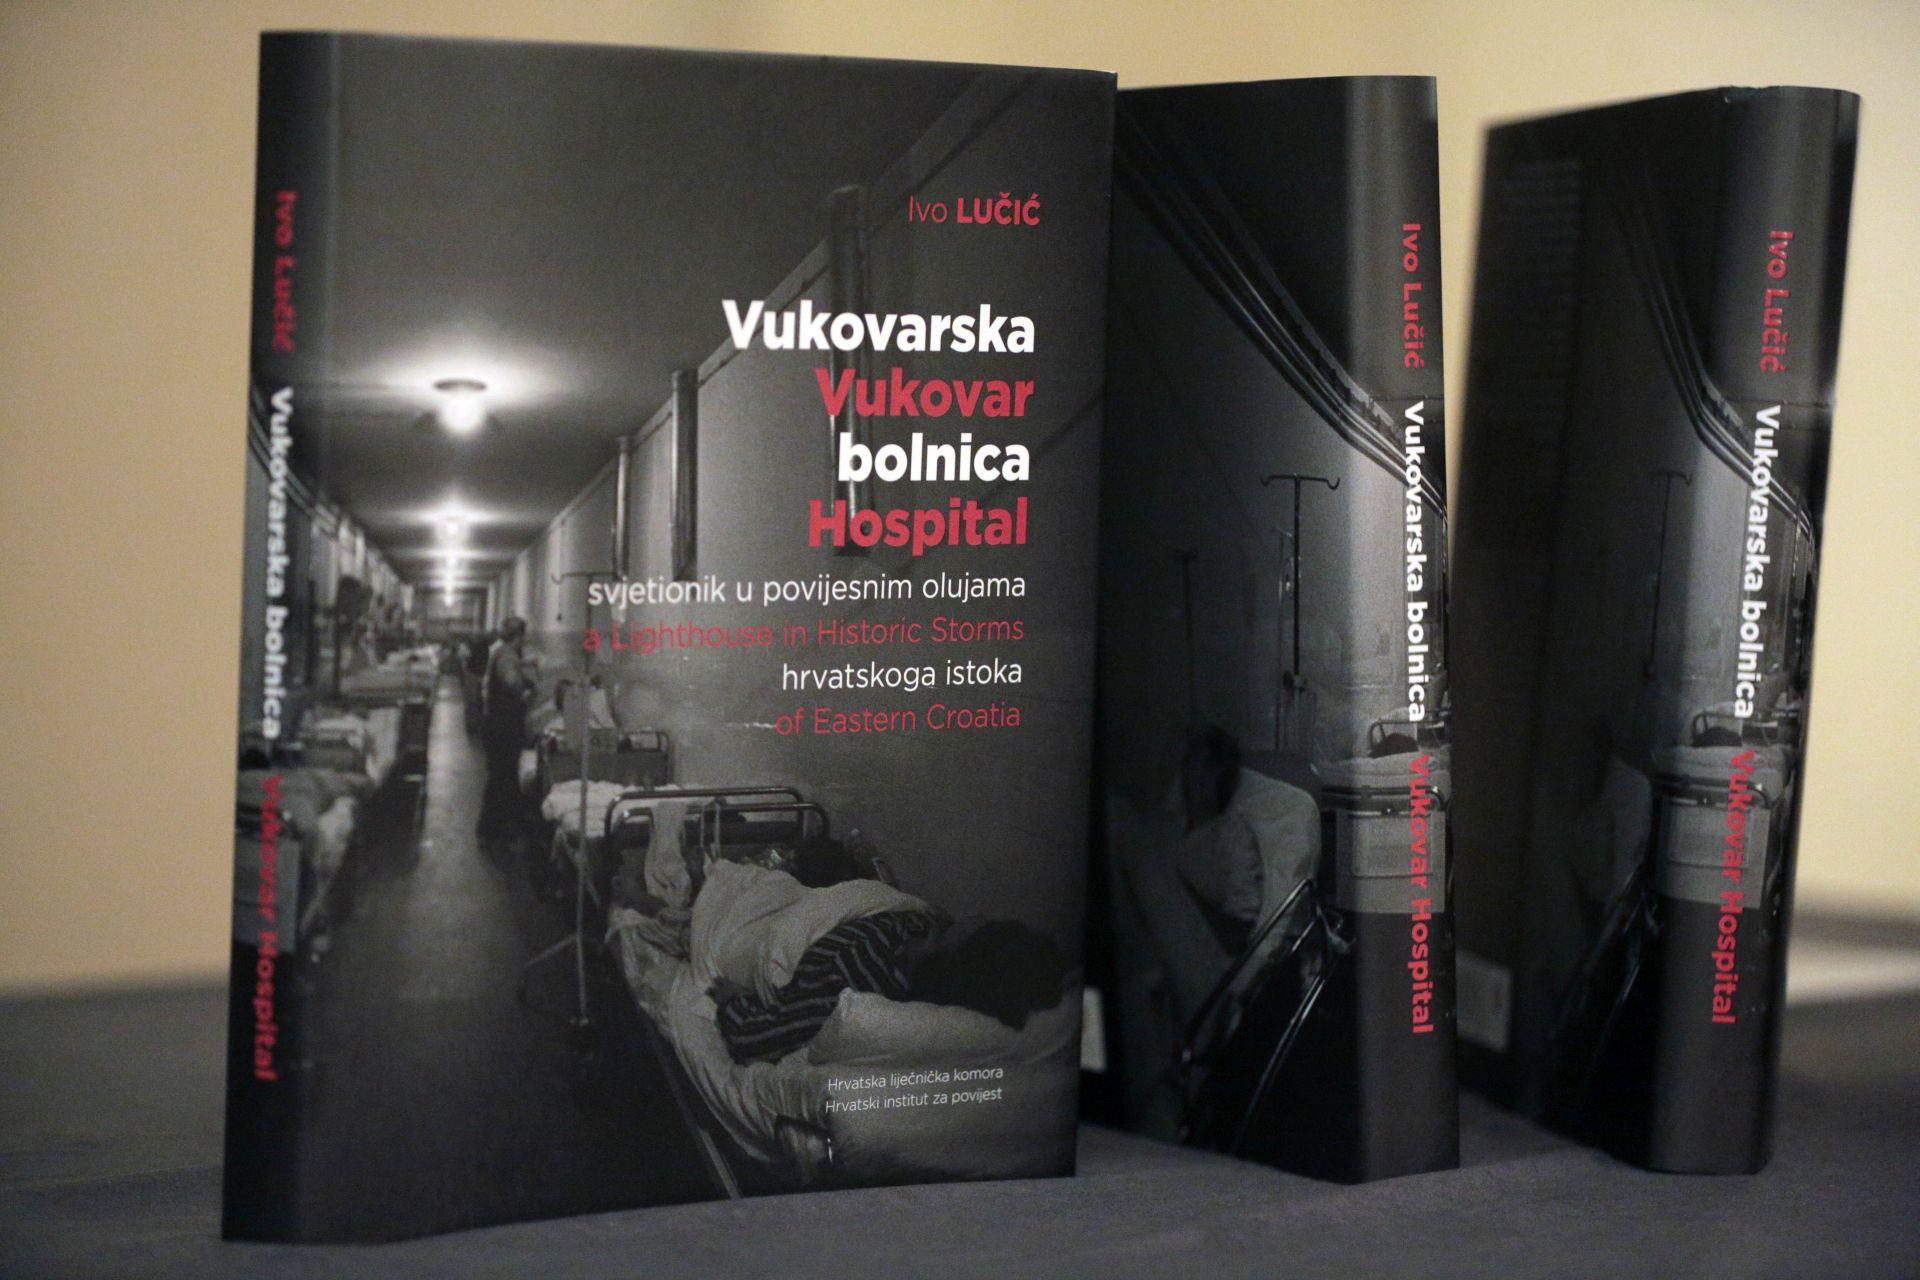 """Predstavljena knjiga """"Vukovarska bolnica svjetionik u povijesnim olujama hrvatskog istoka"""""""